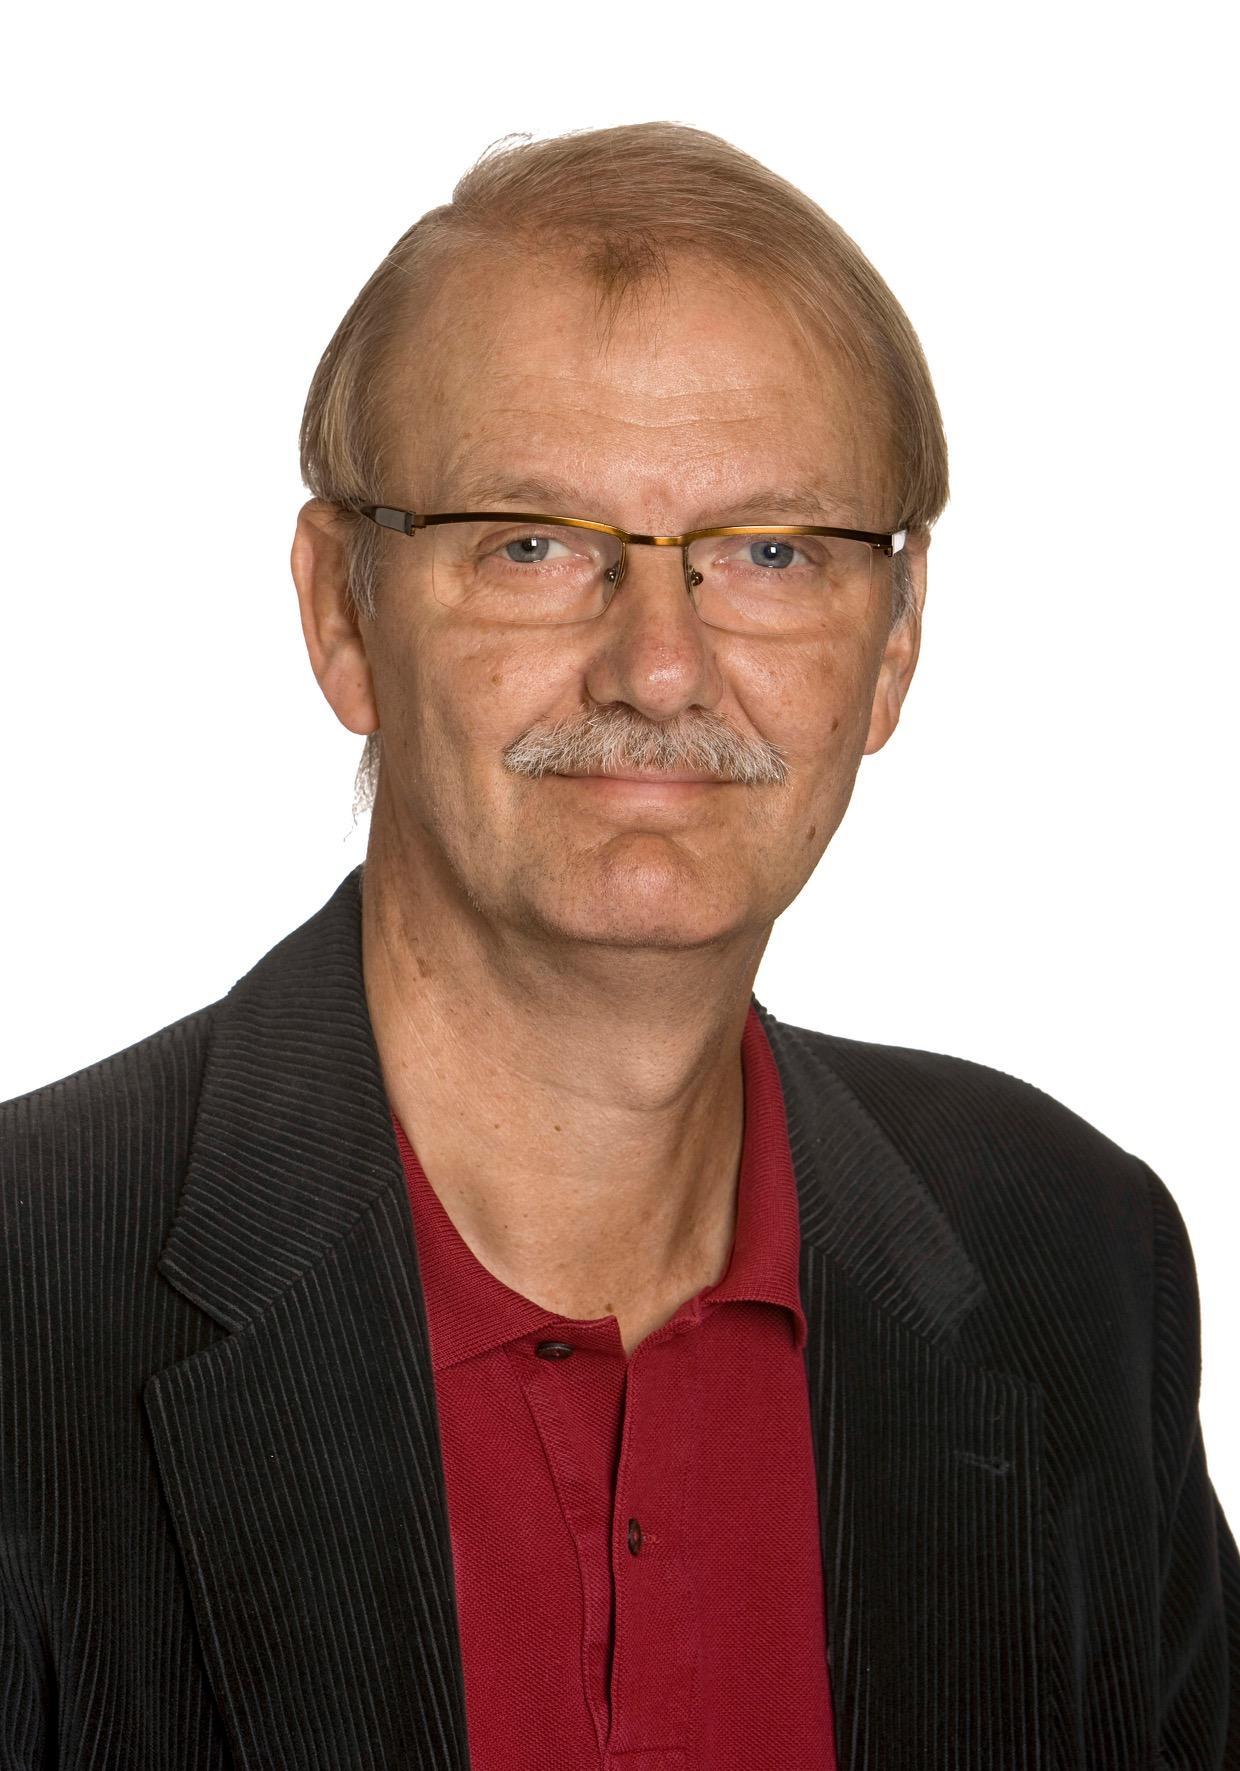 Jan-Erik Damber är seniorprofessor i urologi